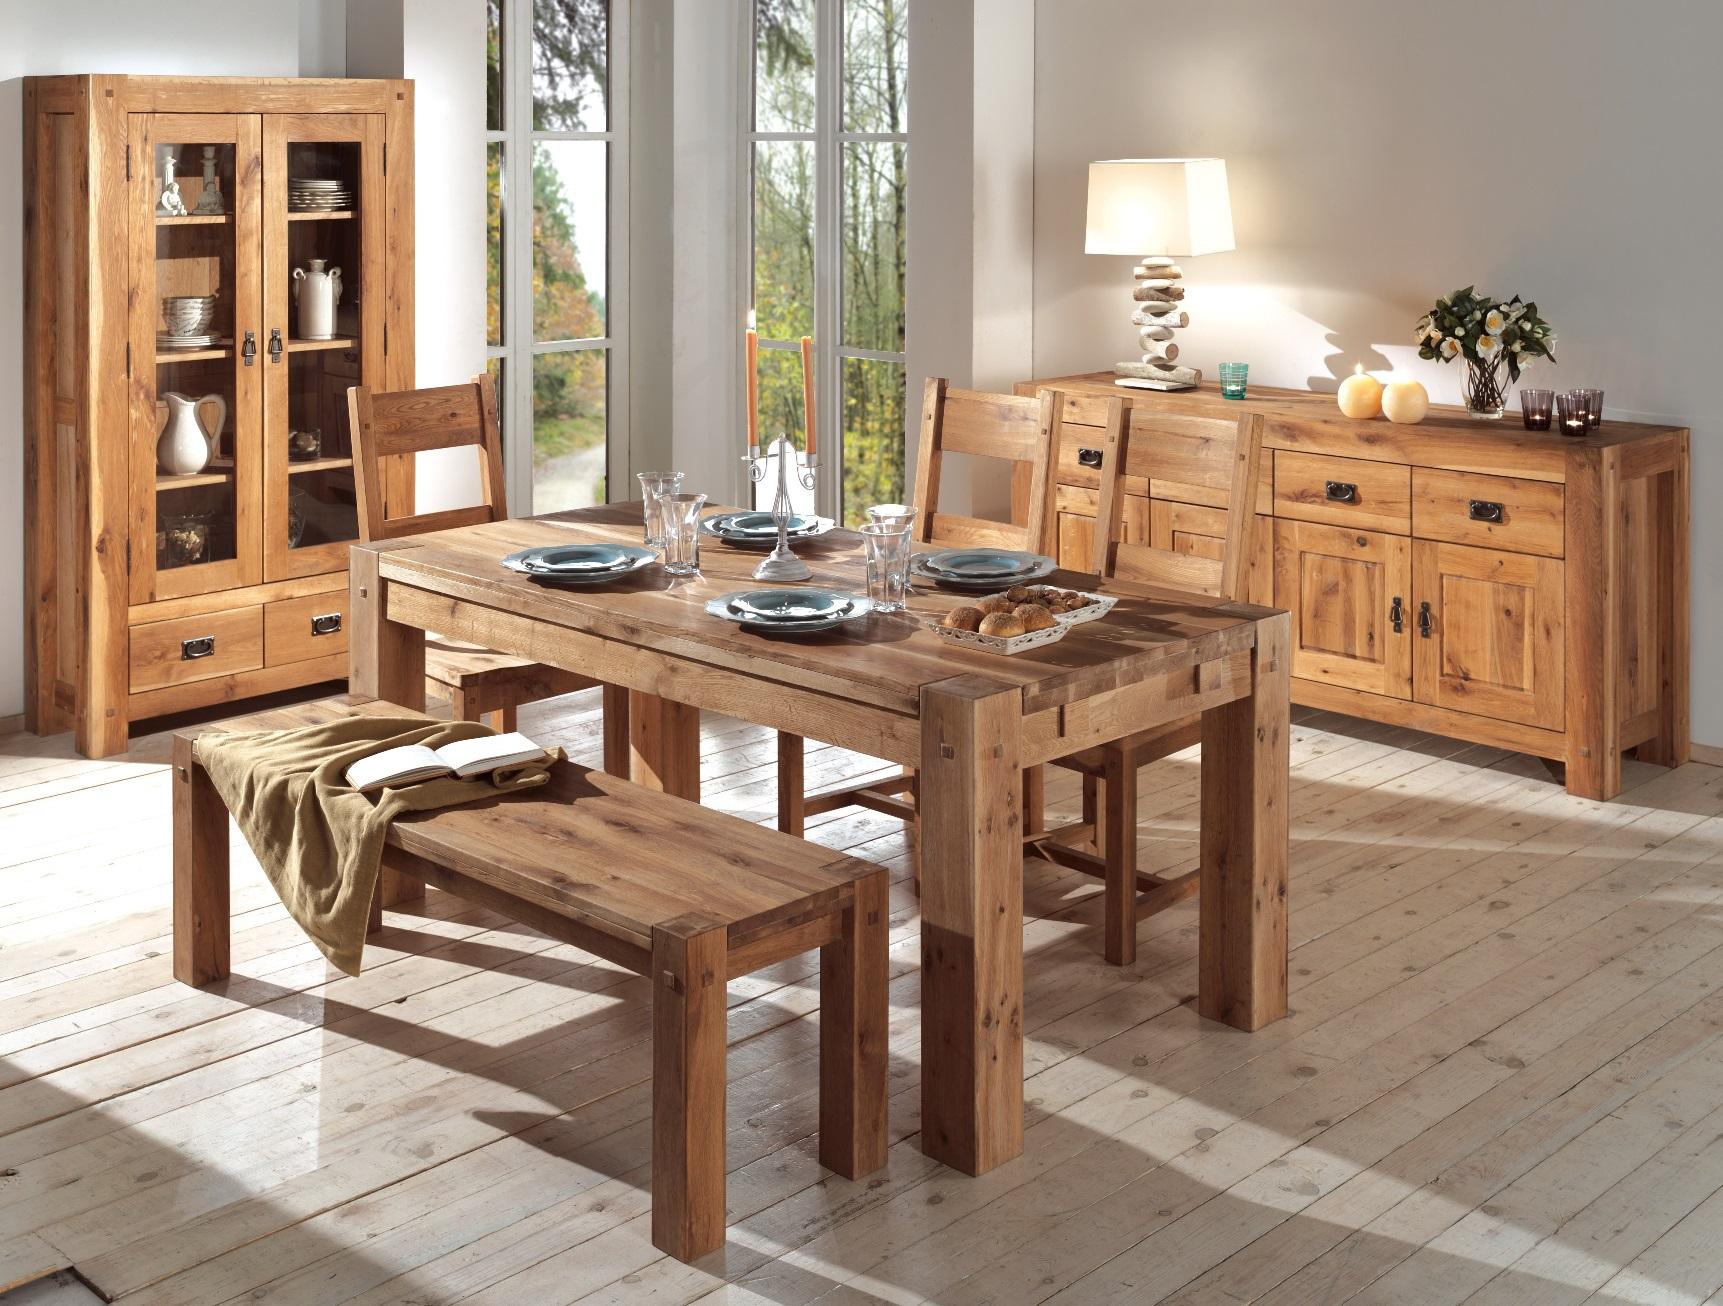 Деревянная мебель для кухни в стиле кантри